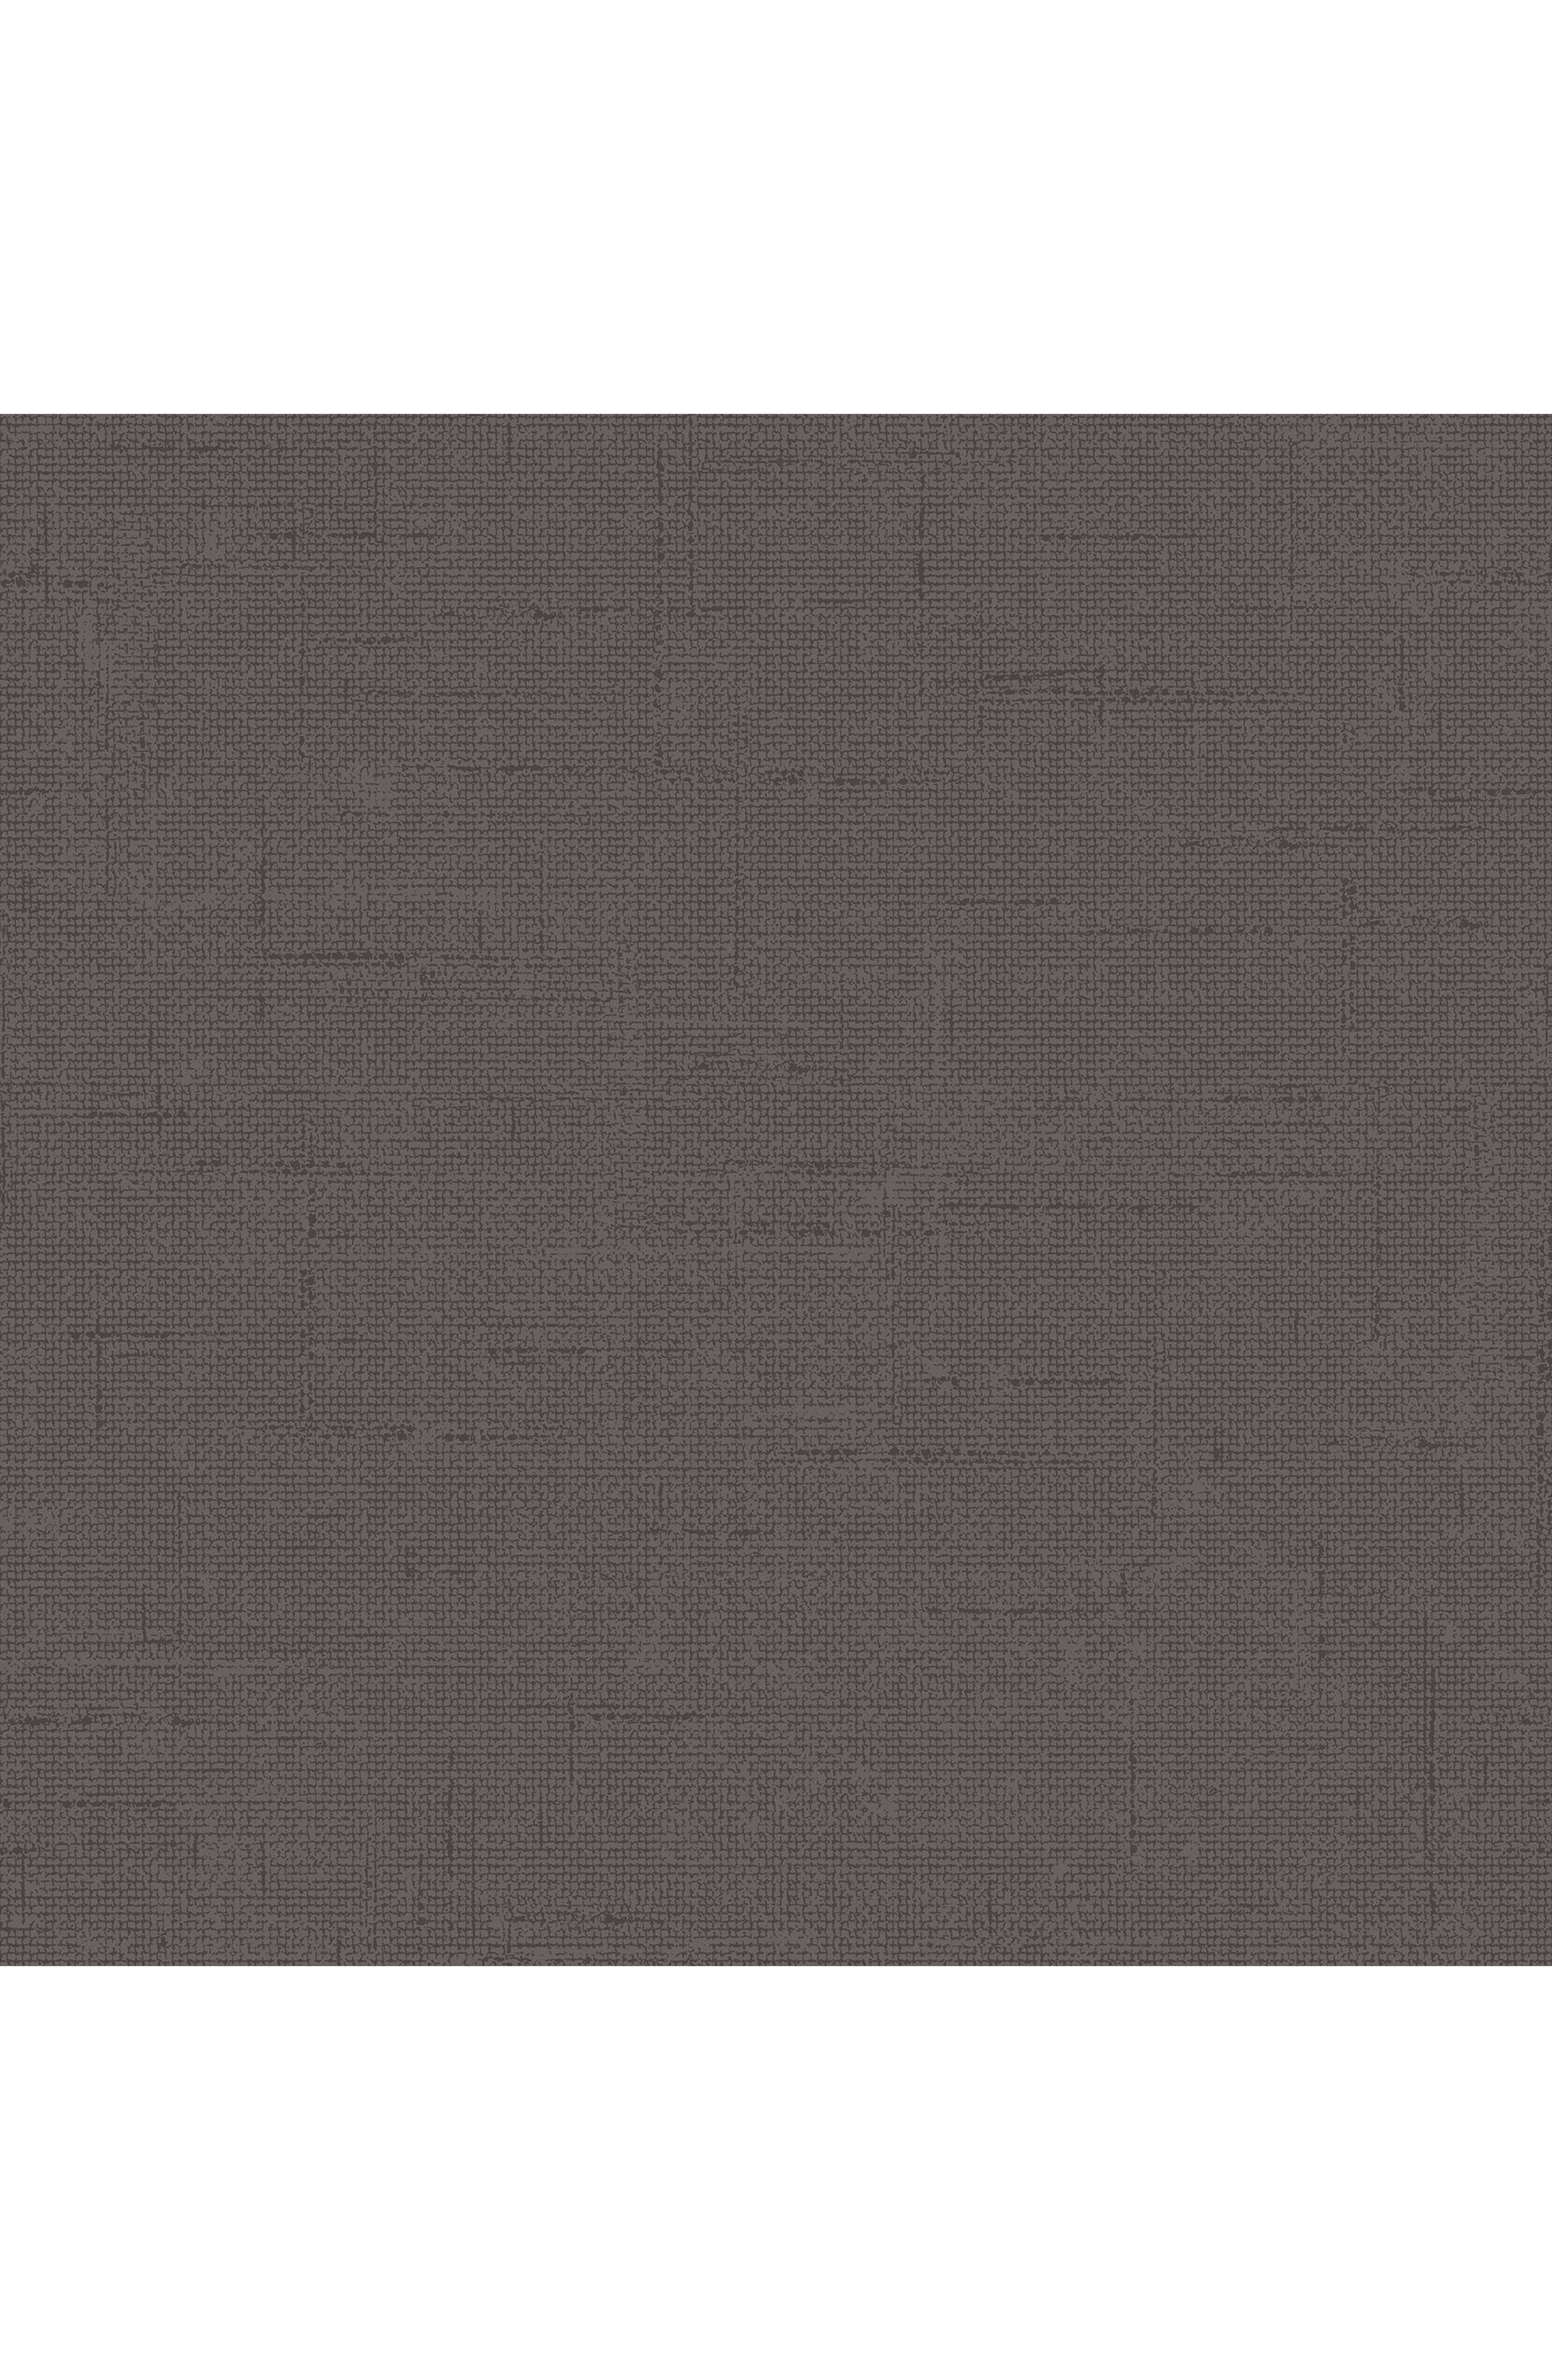 Burlap Self-Adhesive Vinyl Wallpaper,                             Main thumbnail 1, color,                             020